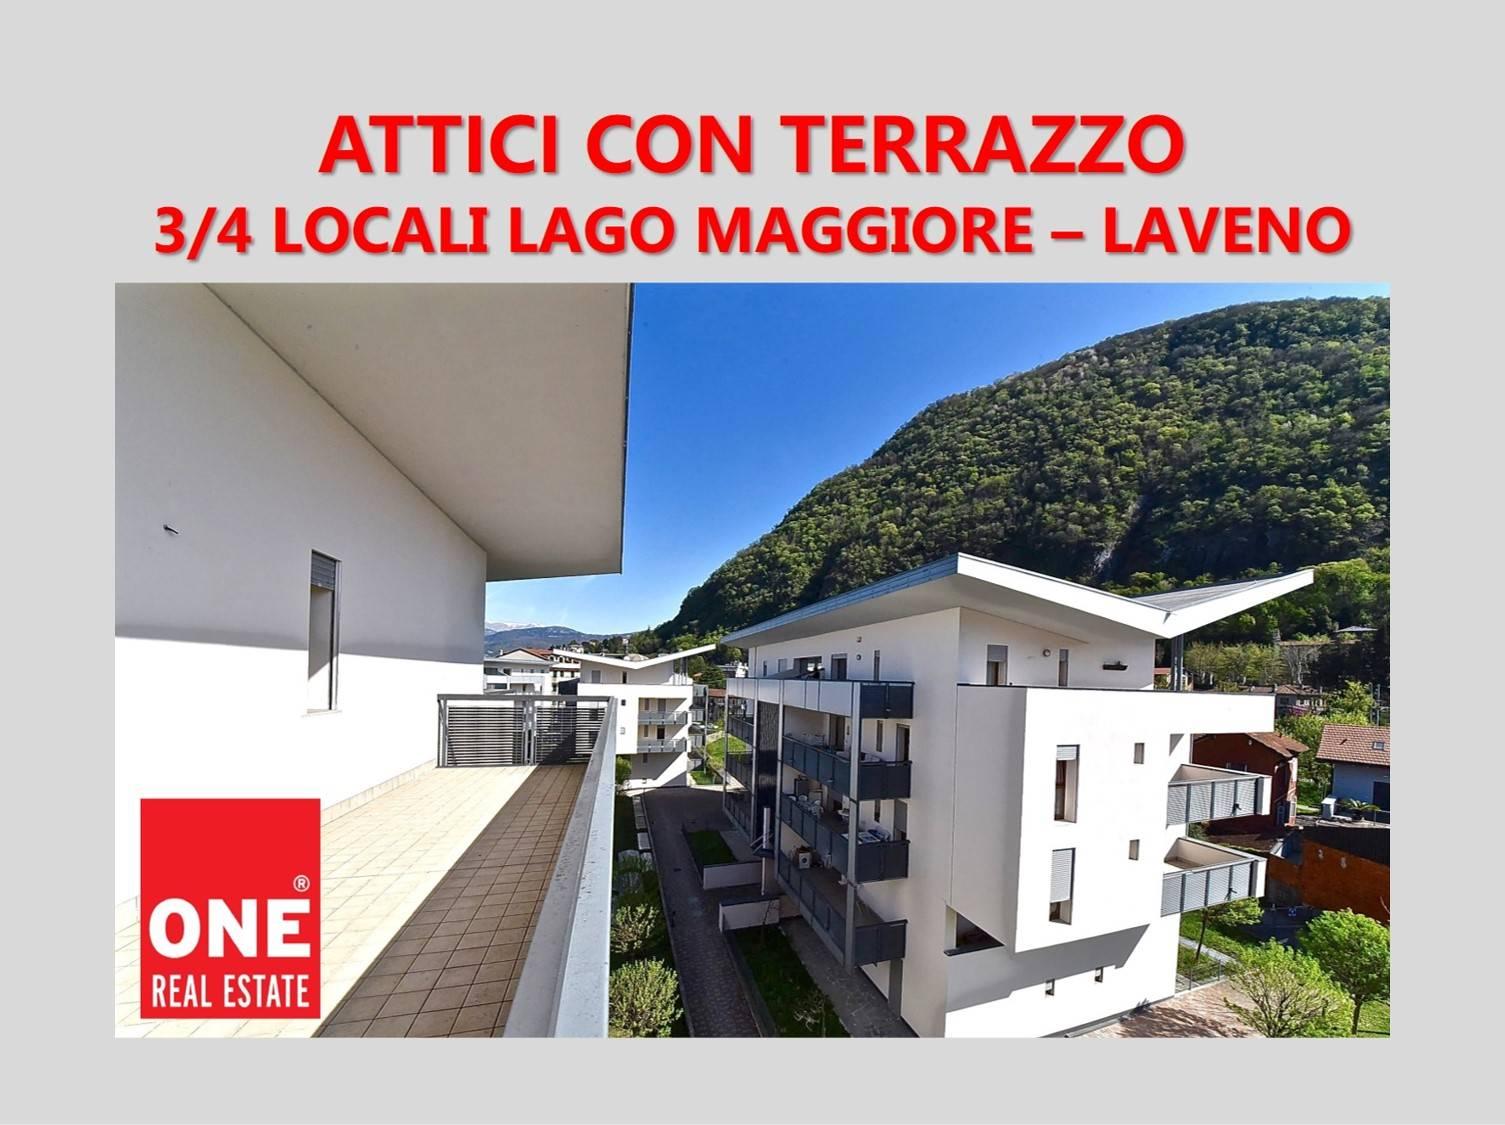 Appartamento in vendita a Laveno-Mombello, 3 locali, zona Località: LAVENO, prezzo € 252.000   PortaleAgenzieImmobiliari.it